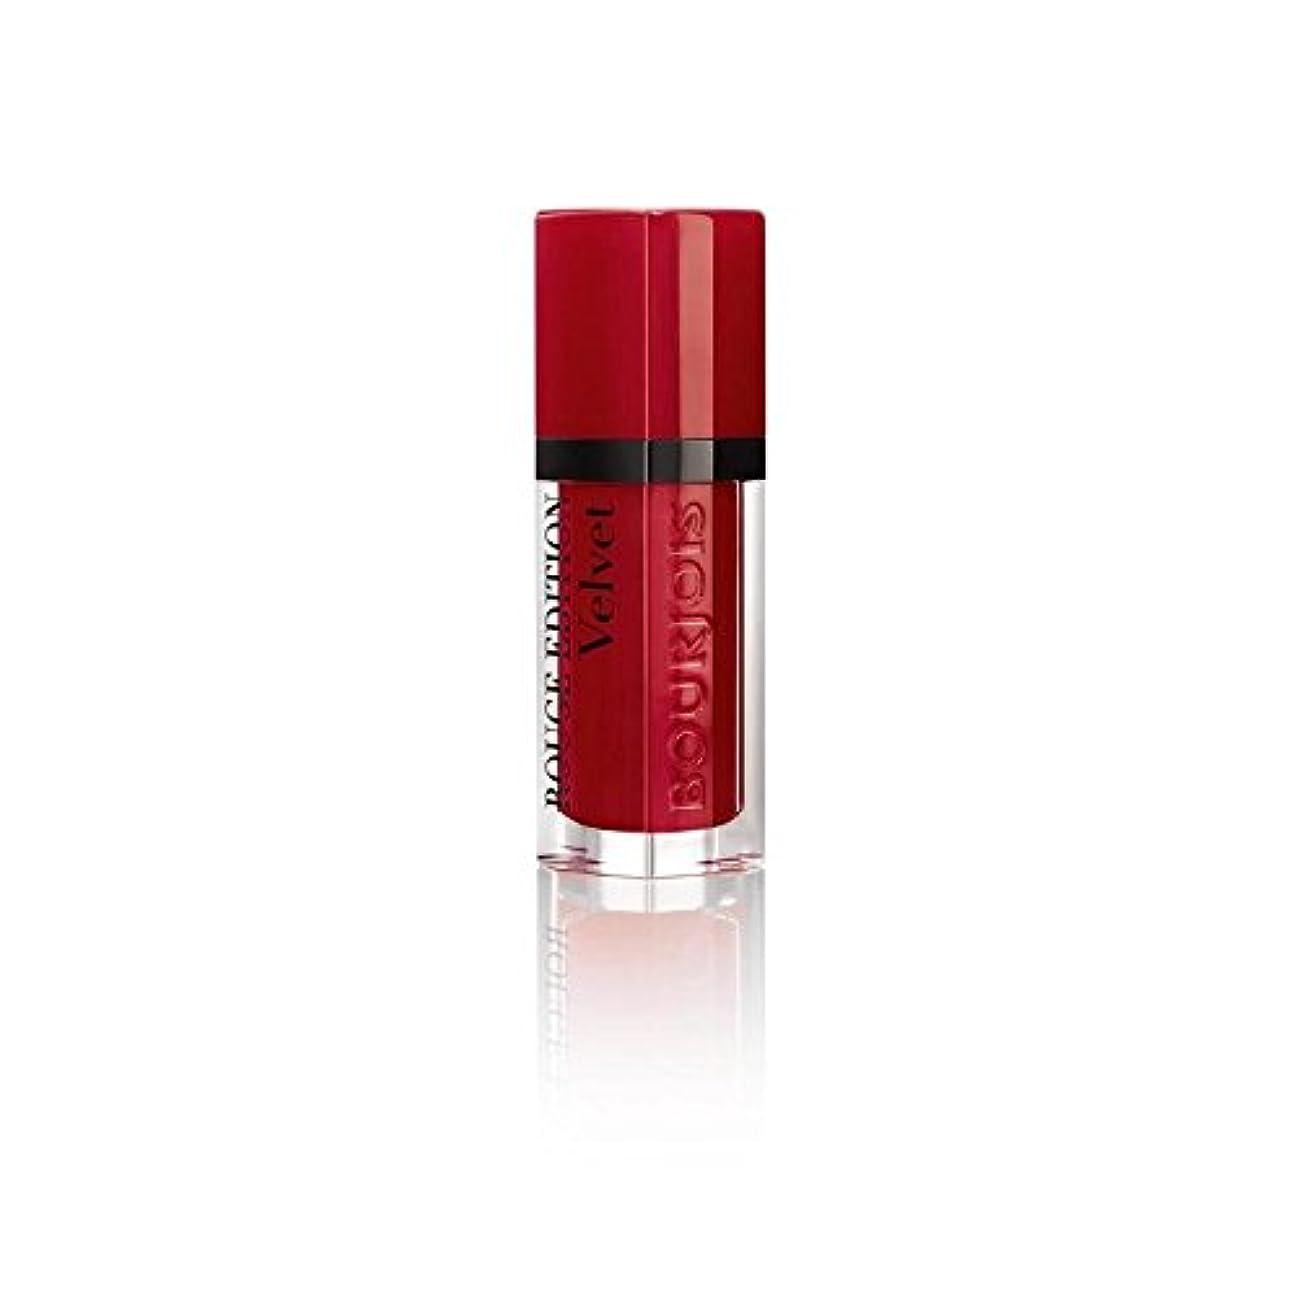 ハードリング弱まる遺棄されたルージュ版のベルベットの口紅、赤い旋回運動の8ミリリットル (Bourjois) - Bourjois Rouge Edition Velvet Lipstick, Red Volution 8ml [並行輸入品]